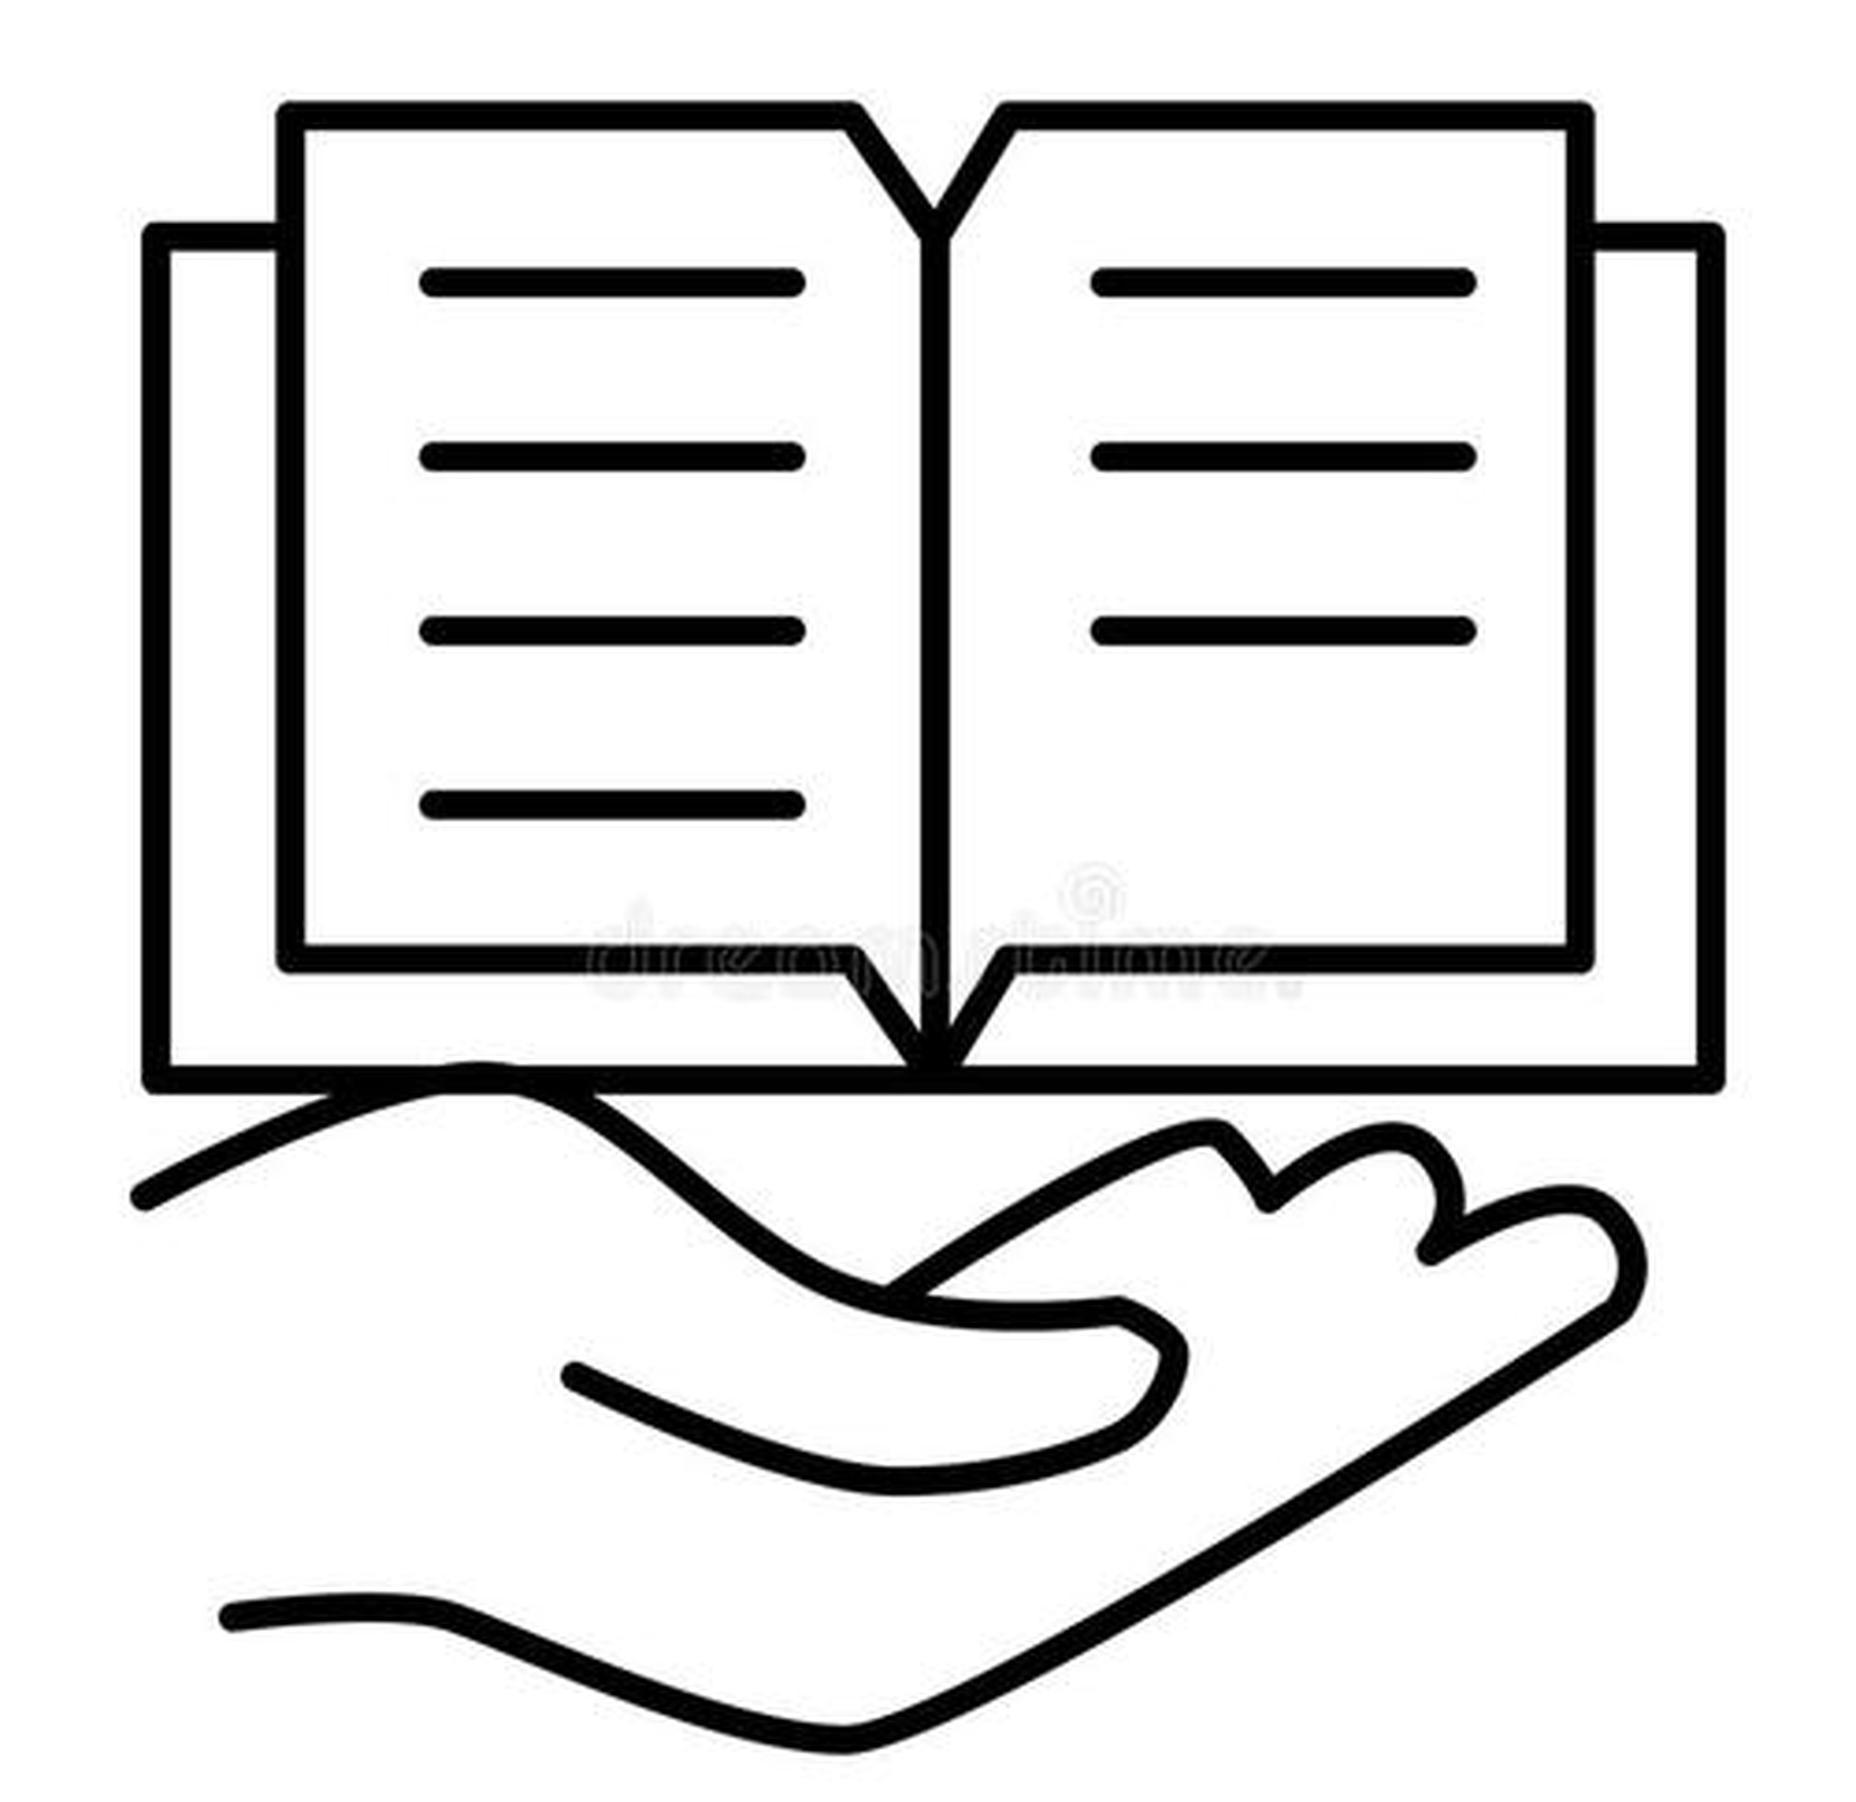 一证阅三晋 山西五级图书馆总分馆体系框架基本完善